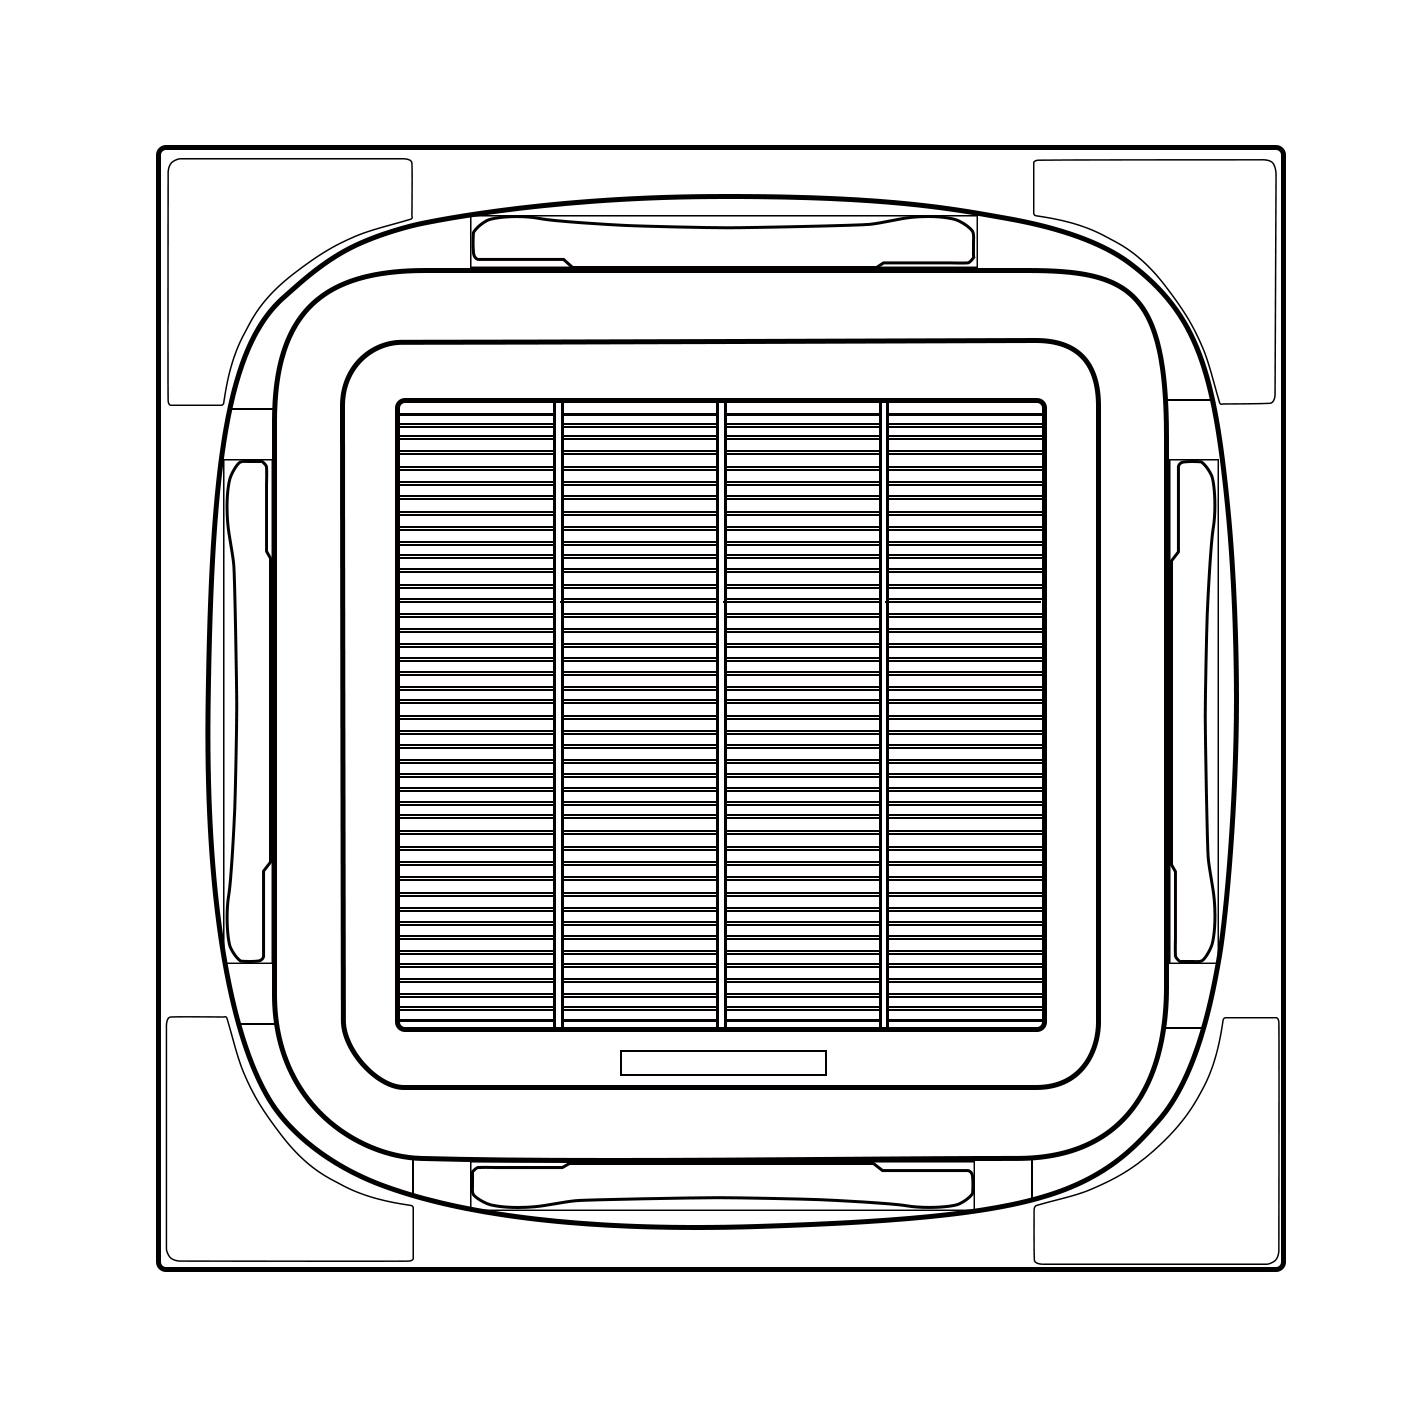 江苏晟和空调在八面出风卡式风机盘管的面板设计上大下苦心!